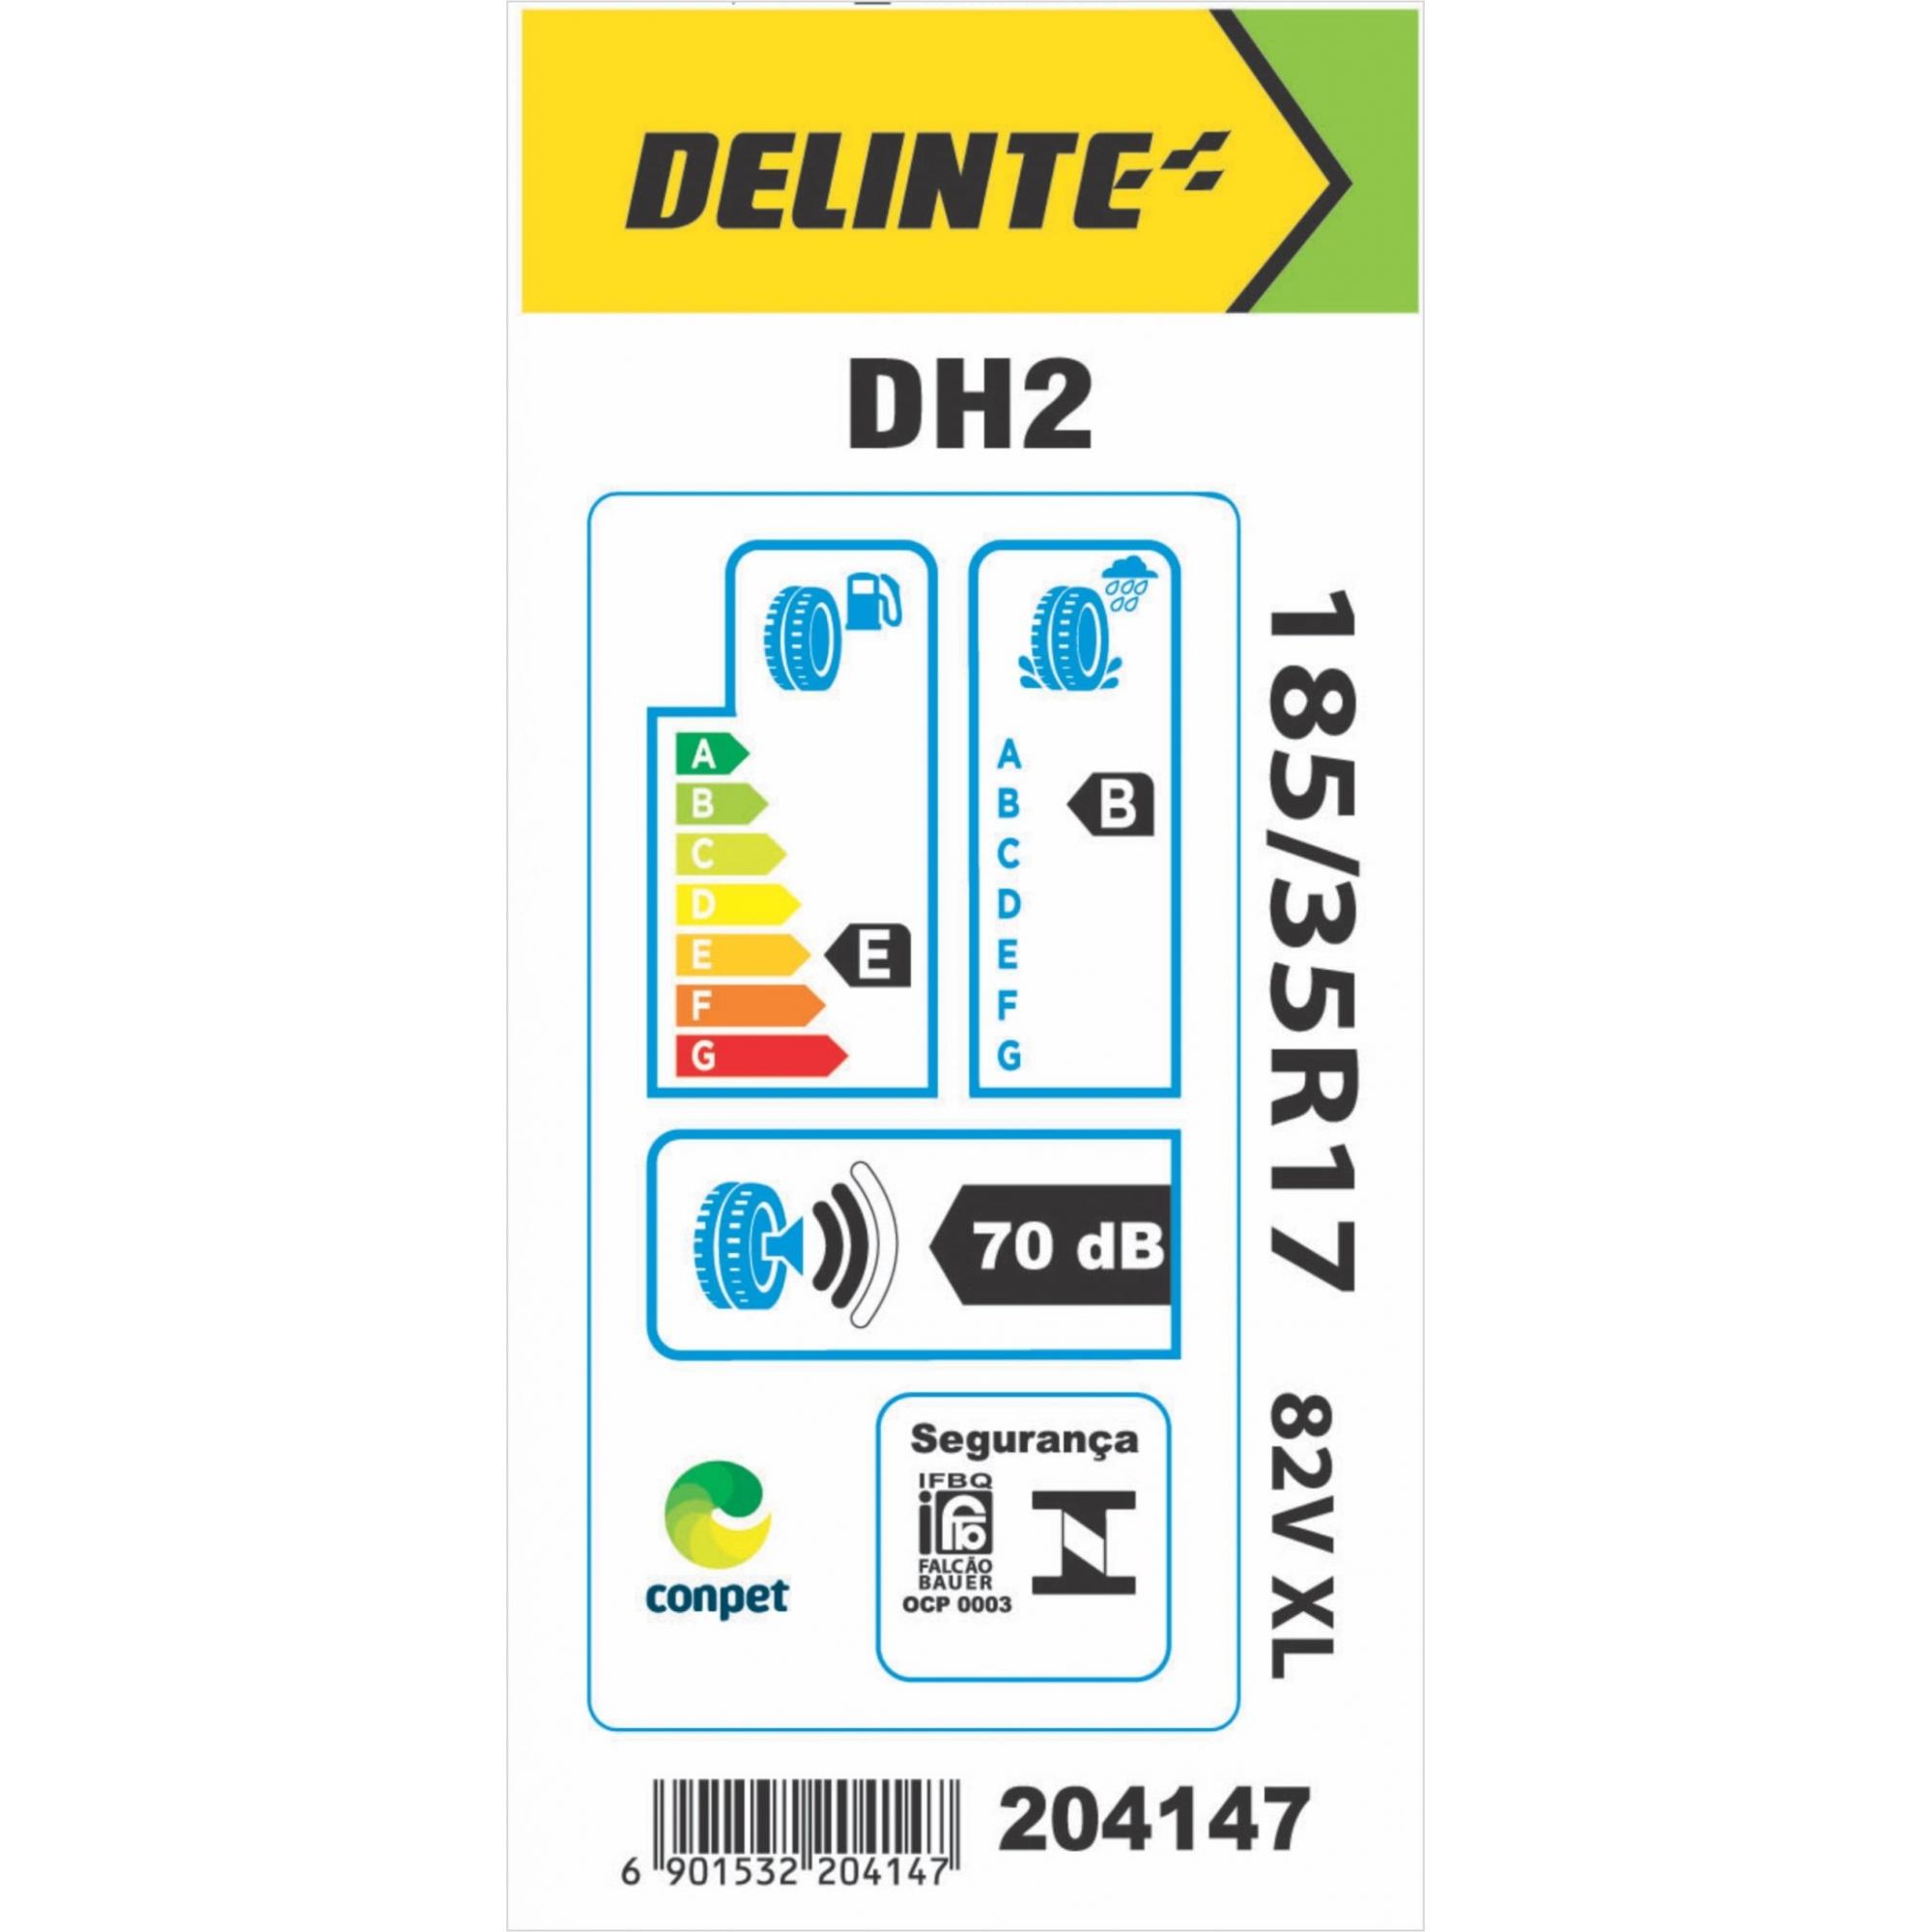 Pneu Delinte Aro 17 185/35 R17 82V XL DH2